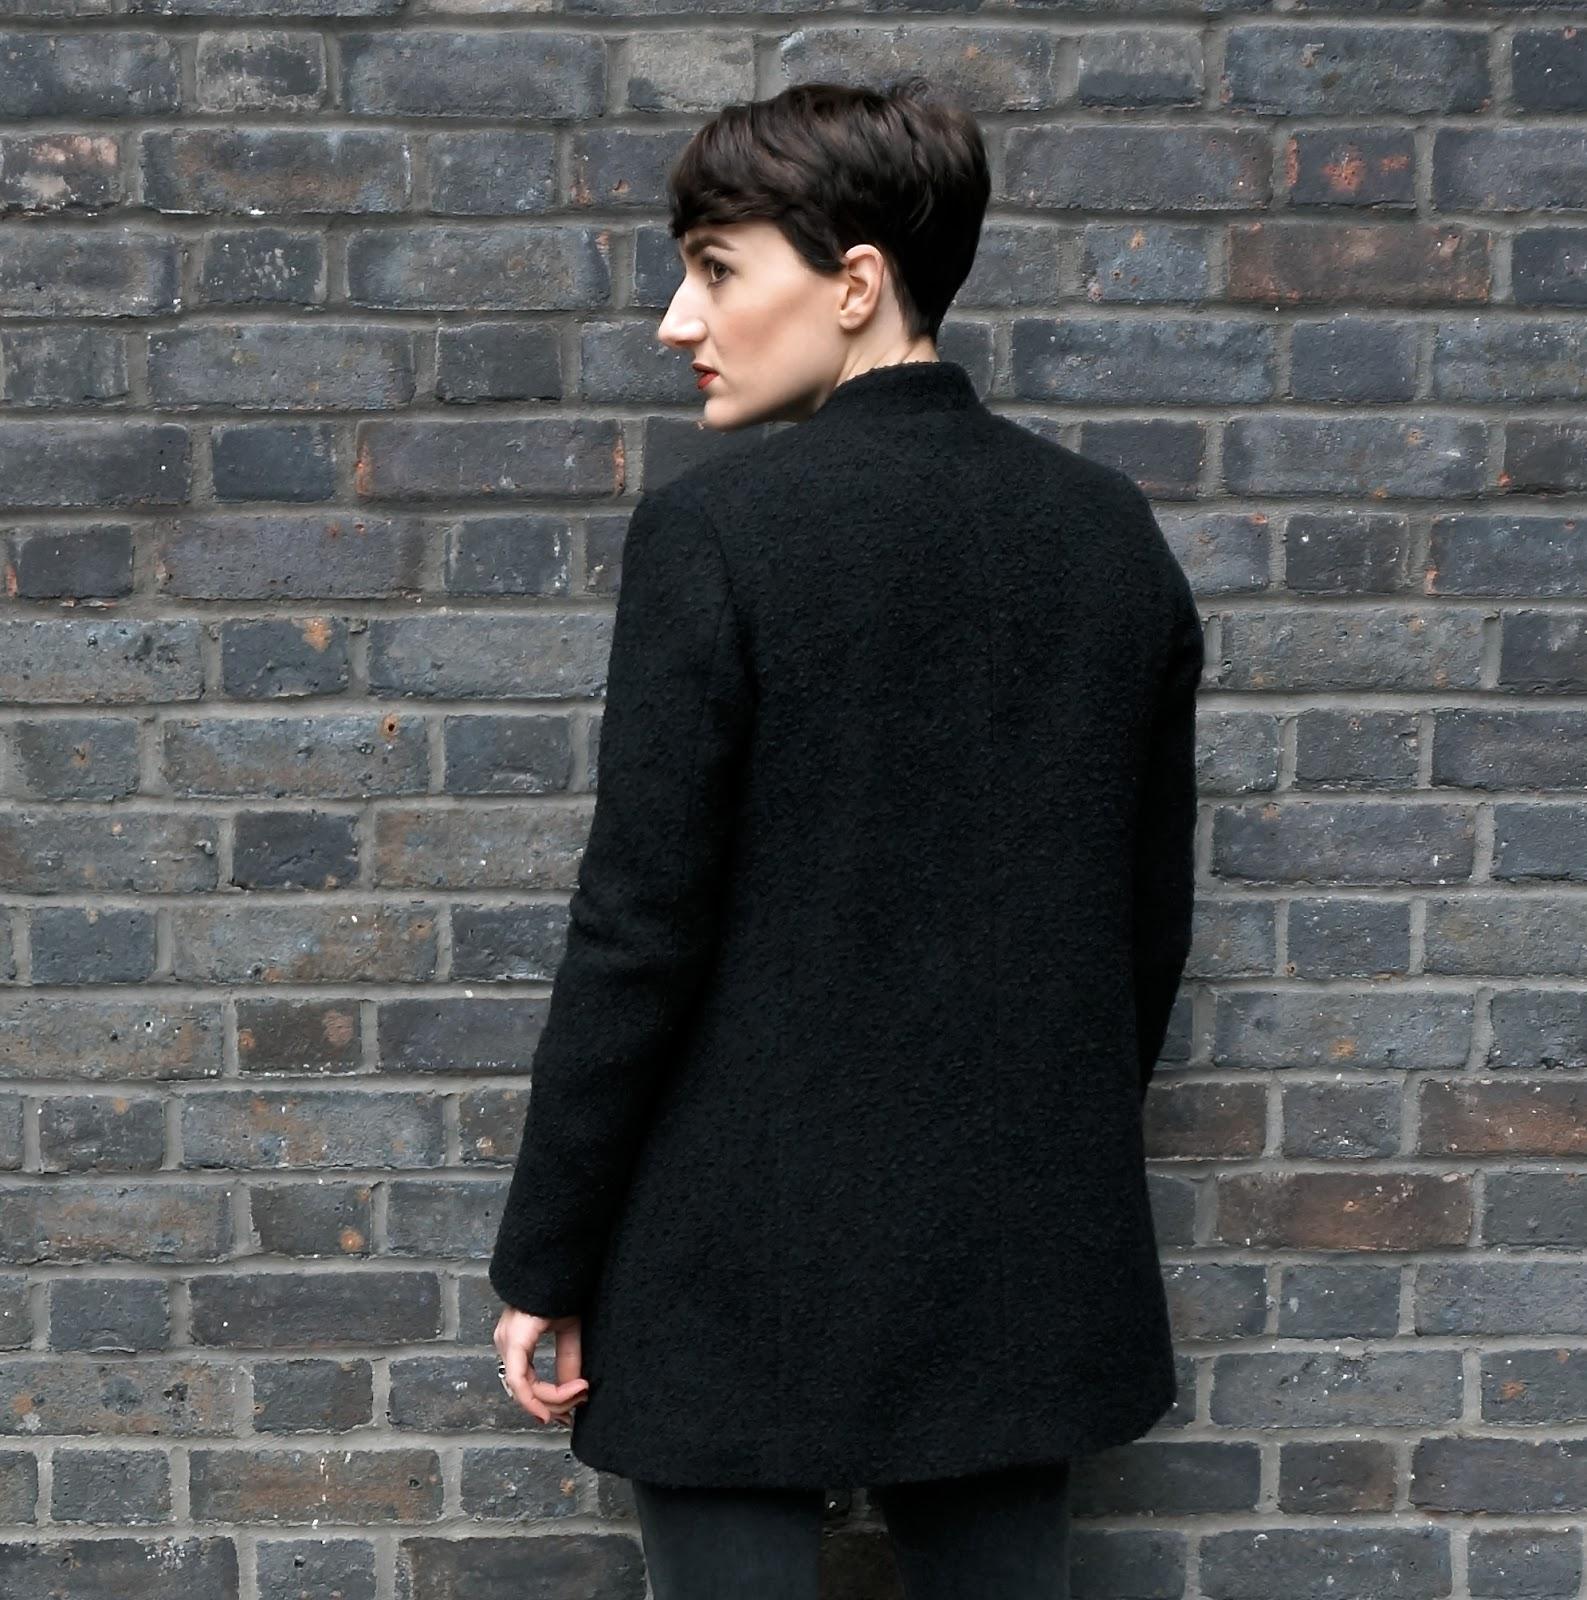 Les cours de blogueuses Modes Uniqlo x Carine Roitfeld lexie blush www.lexieblush.co.uk